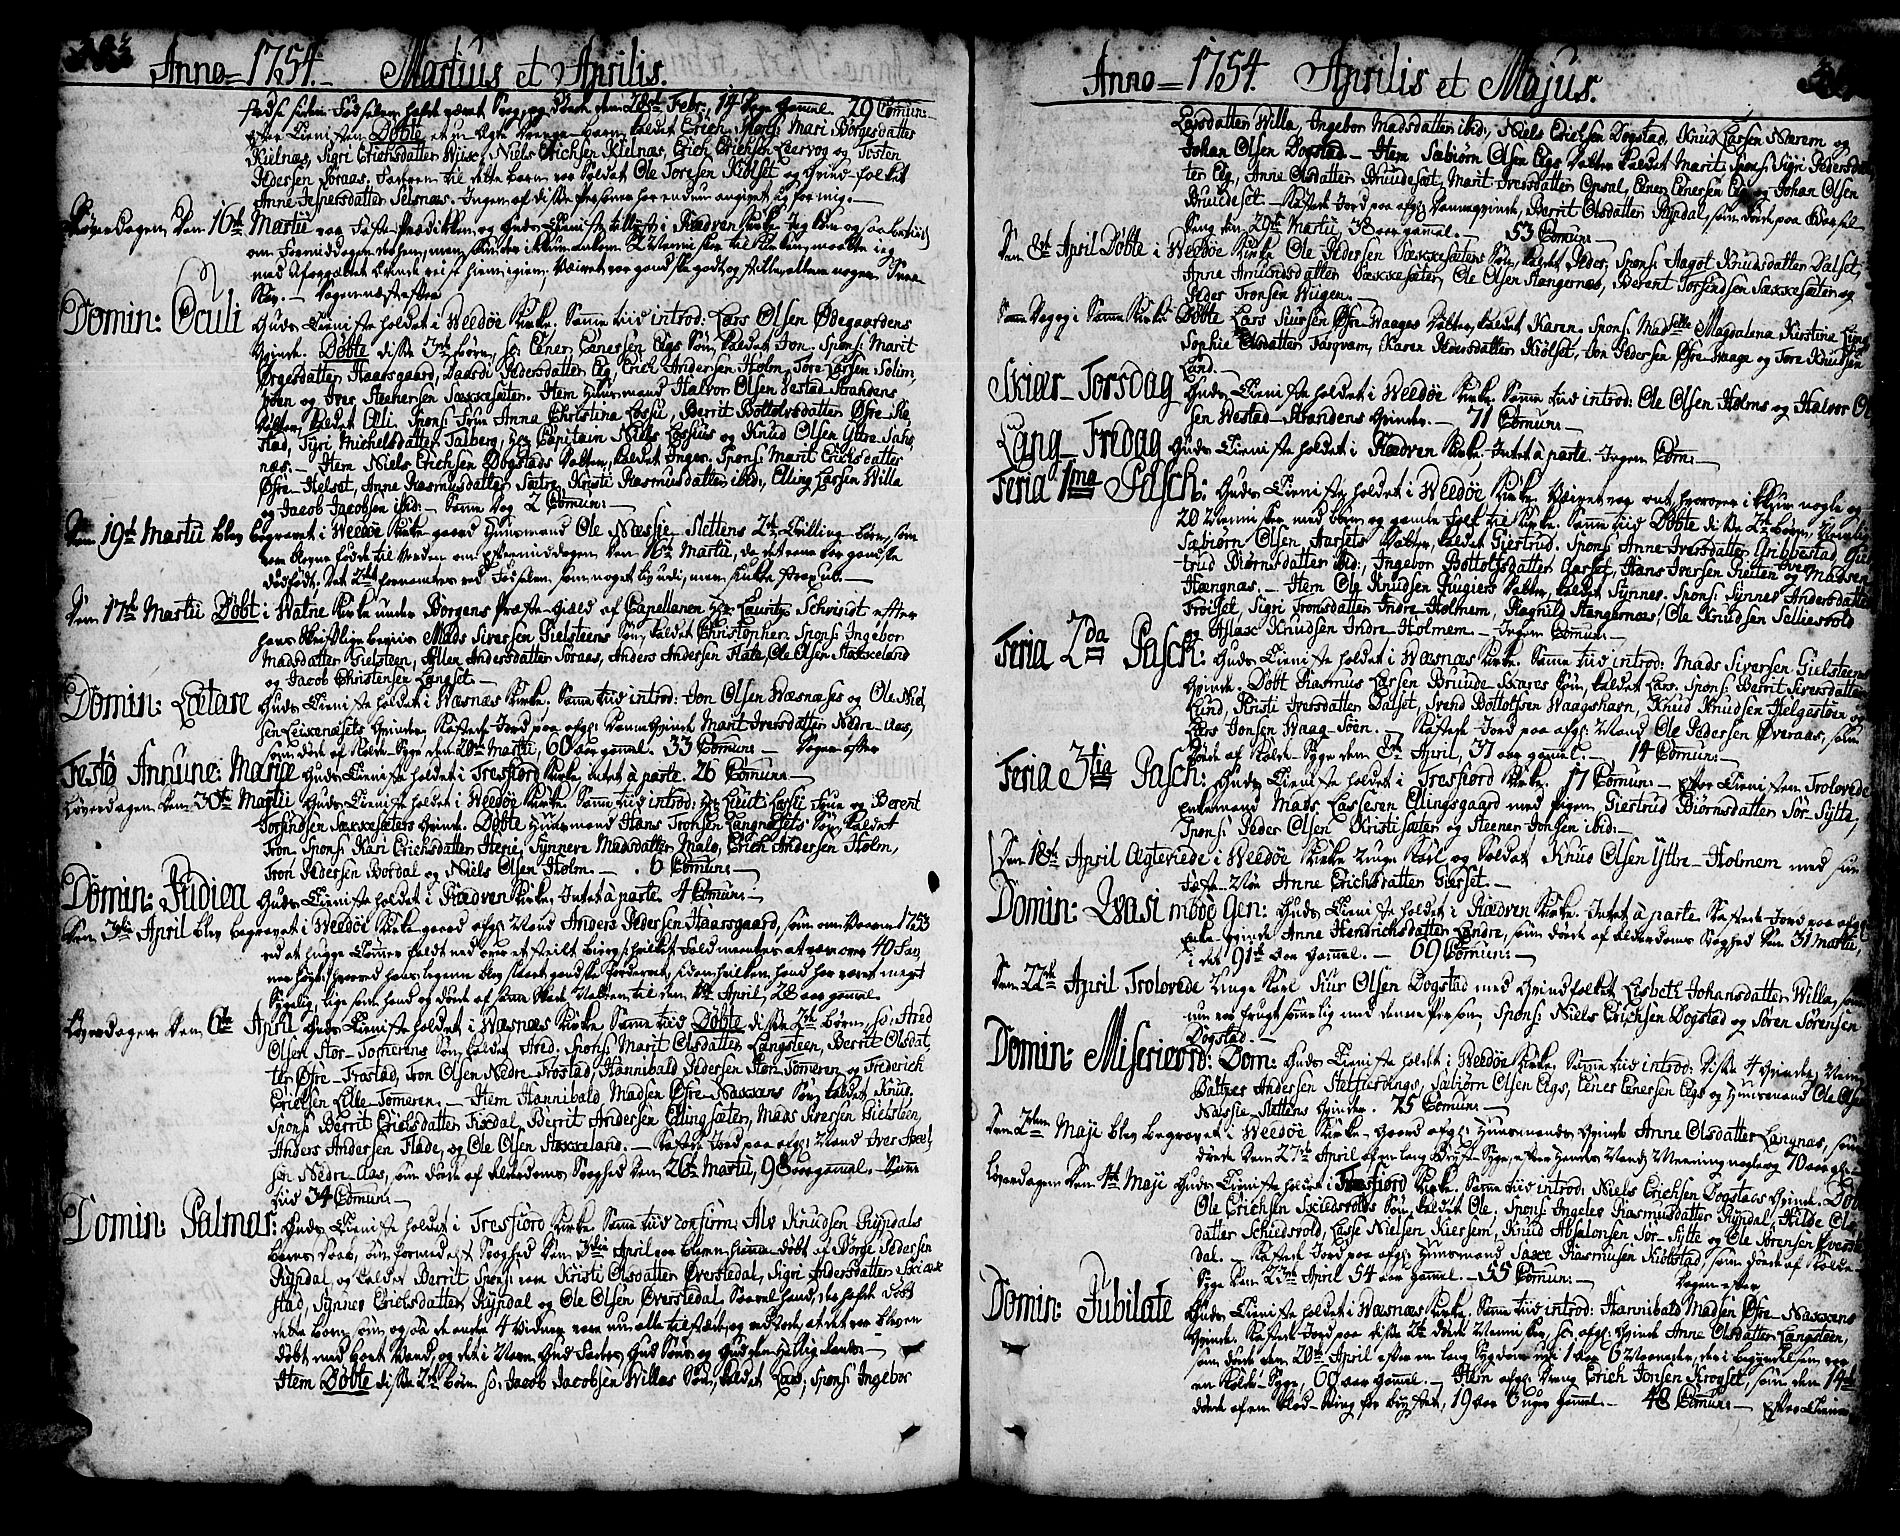 SAT, Ministerialprotokoller, klokkerbøker og fødselsregistre - Møre og Romsdal, 547/L0599: Ministerialbok nr. 547A01, 1721-1764, s. 383-384